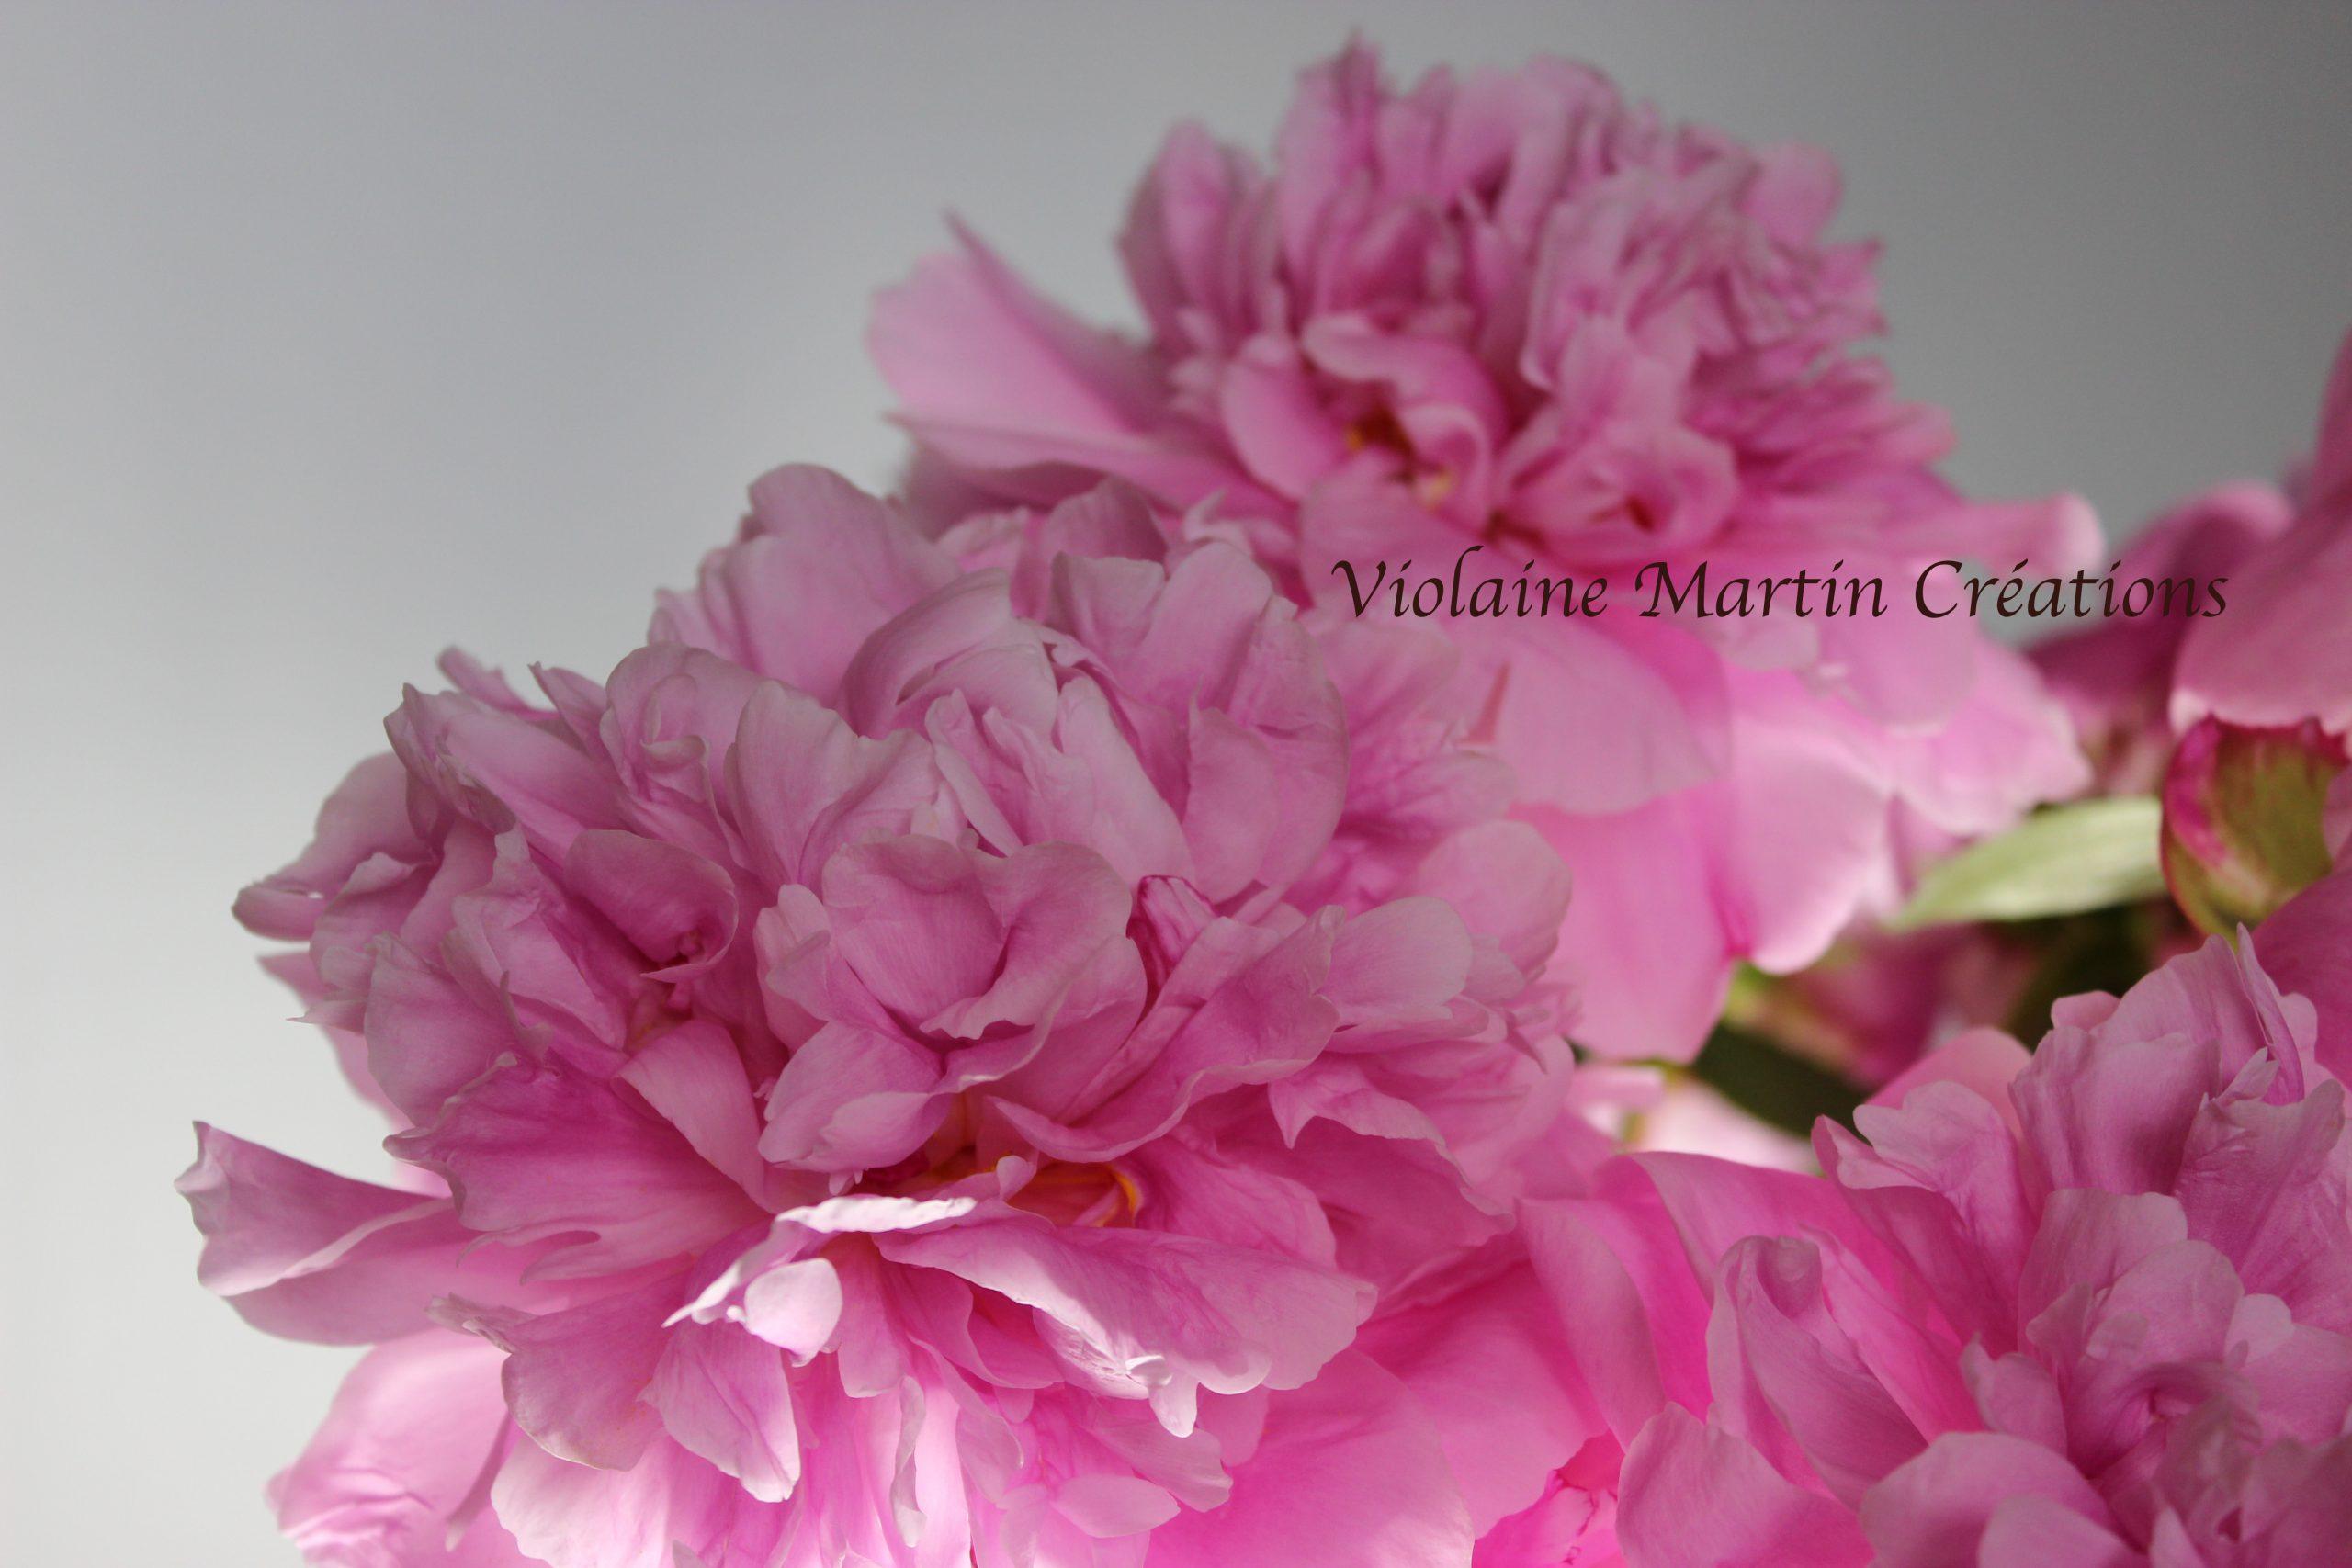 Photographie - pivoines - Violaine Martin Créations - Design textile - tissage jacquards, unis et velours - aquarelles botaniques - Hauts-de-France